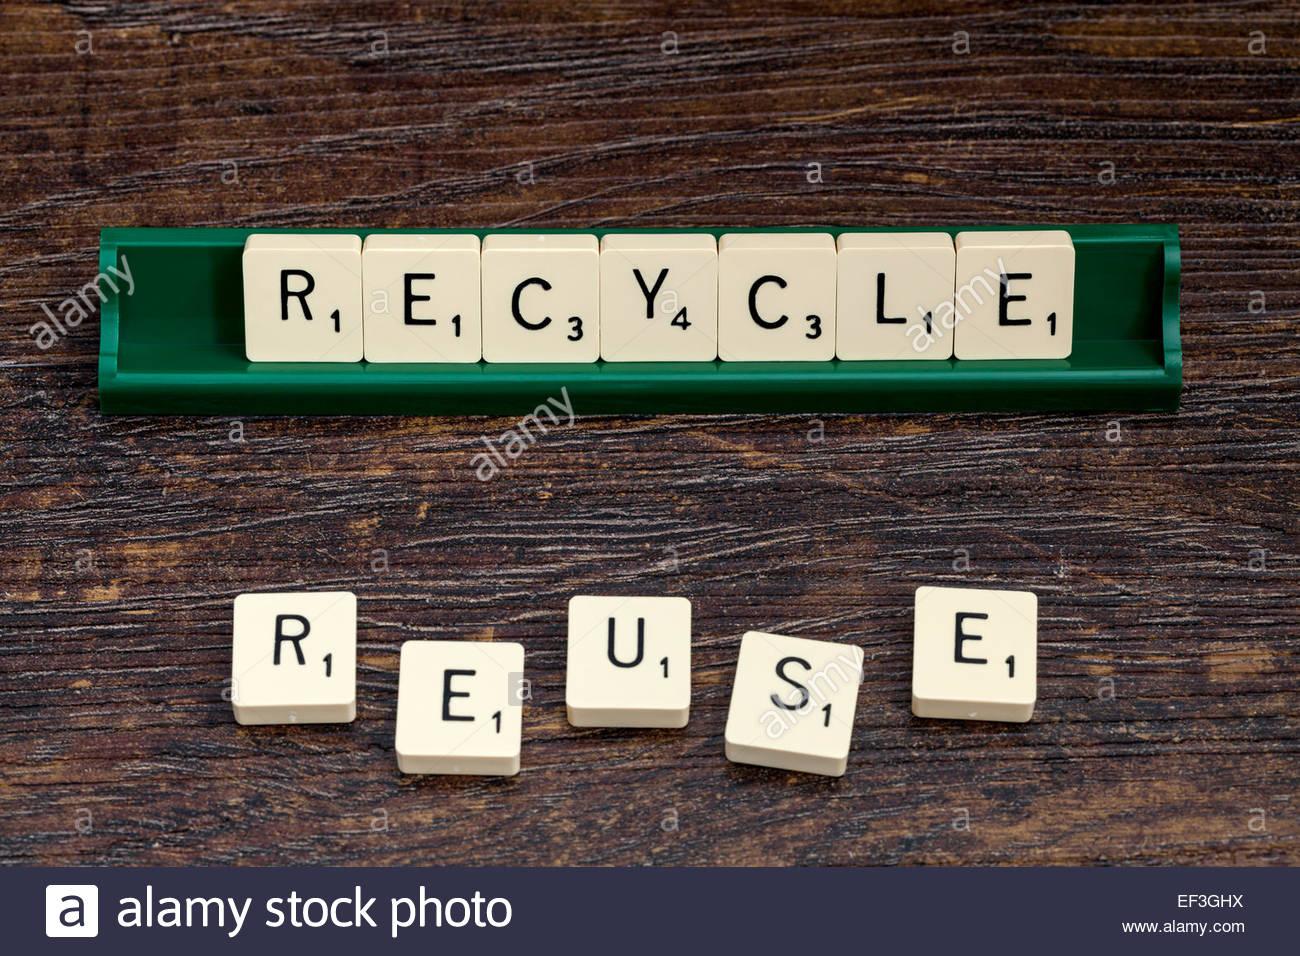 Riciclare e riutilizzare sillabato con lettere di Scrabble. Immagini Stock